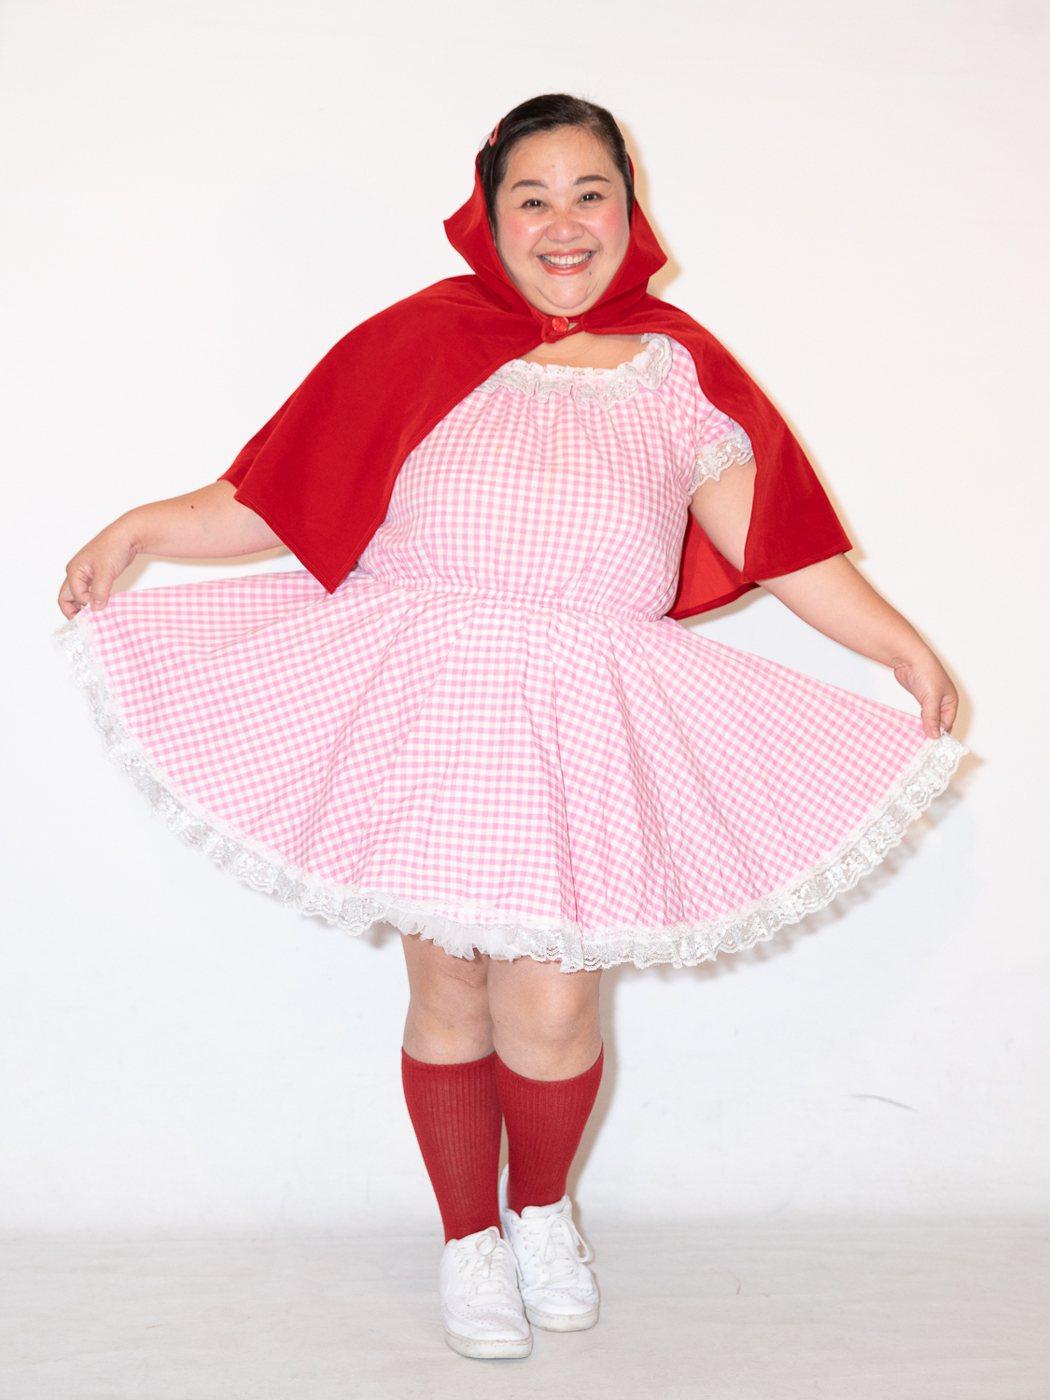 鍾欣凌在舞台劇「童話秀逗秀」中飾演小紅帽。圖/光源劇場提供